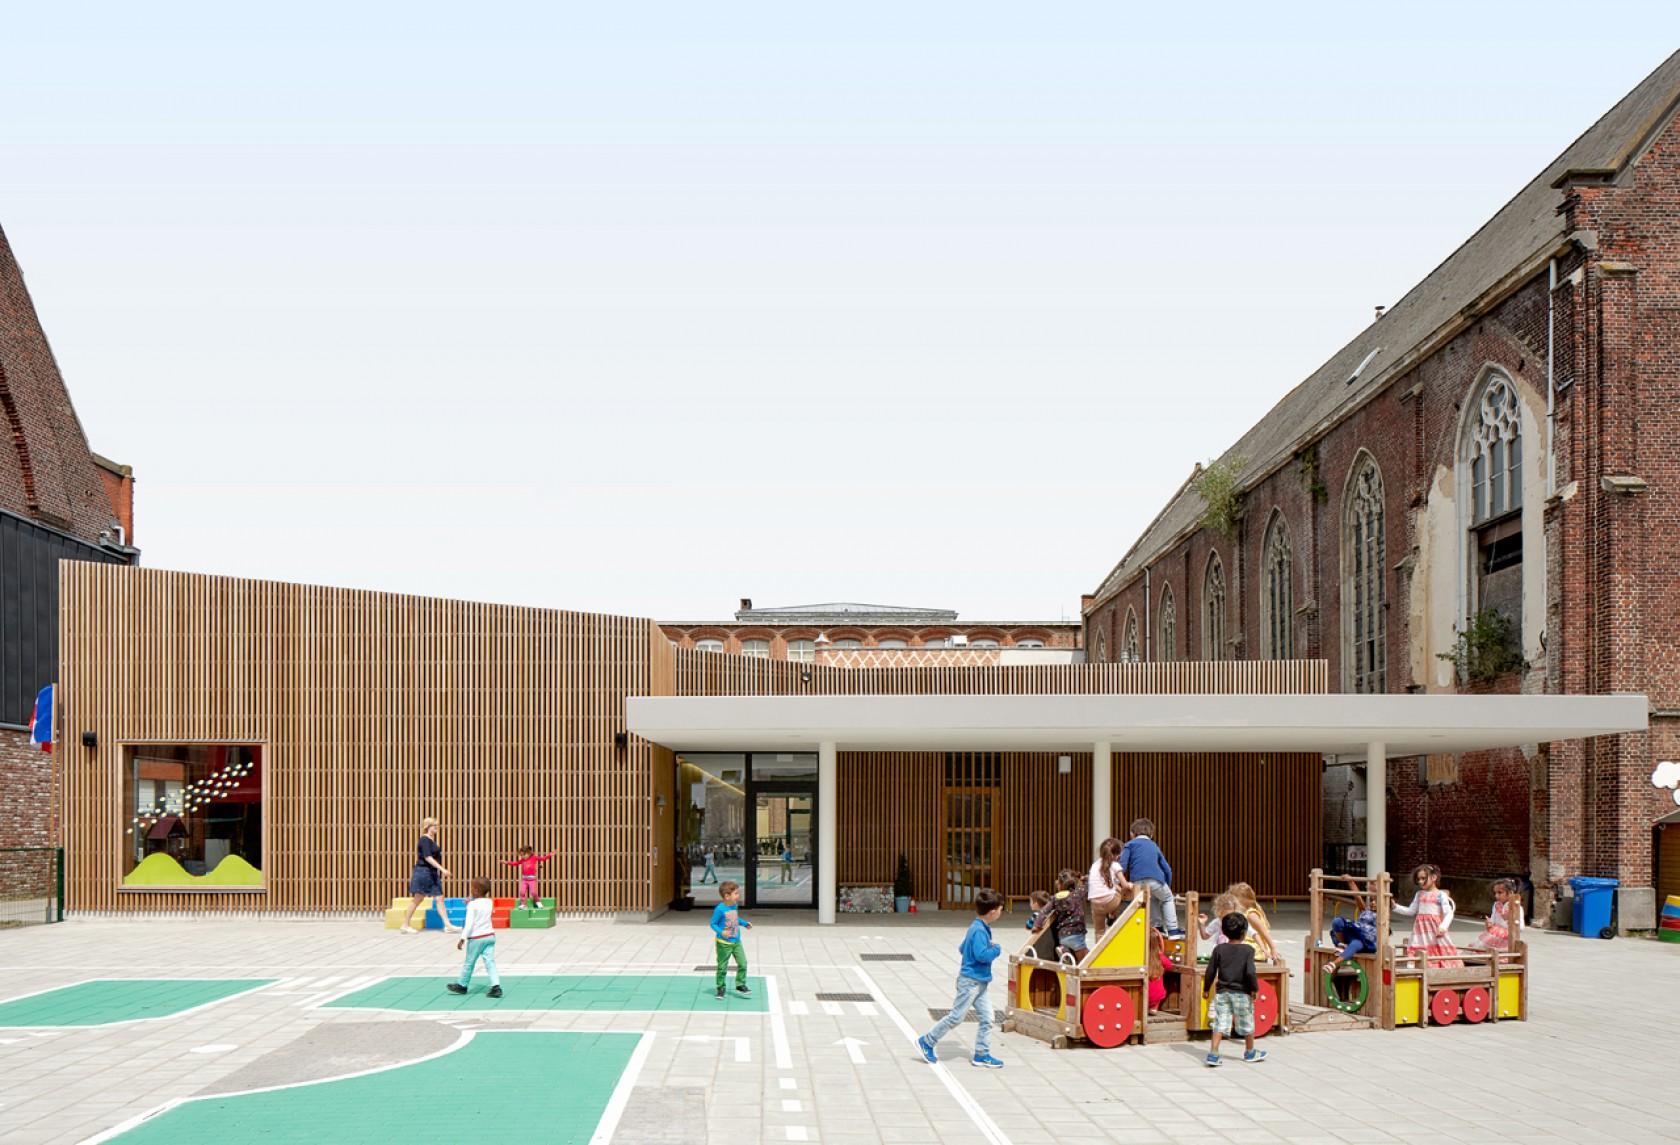 Abscis Architecten - herkenbare toegang met luifel - fotografie Dennis De Smet